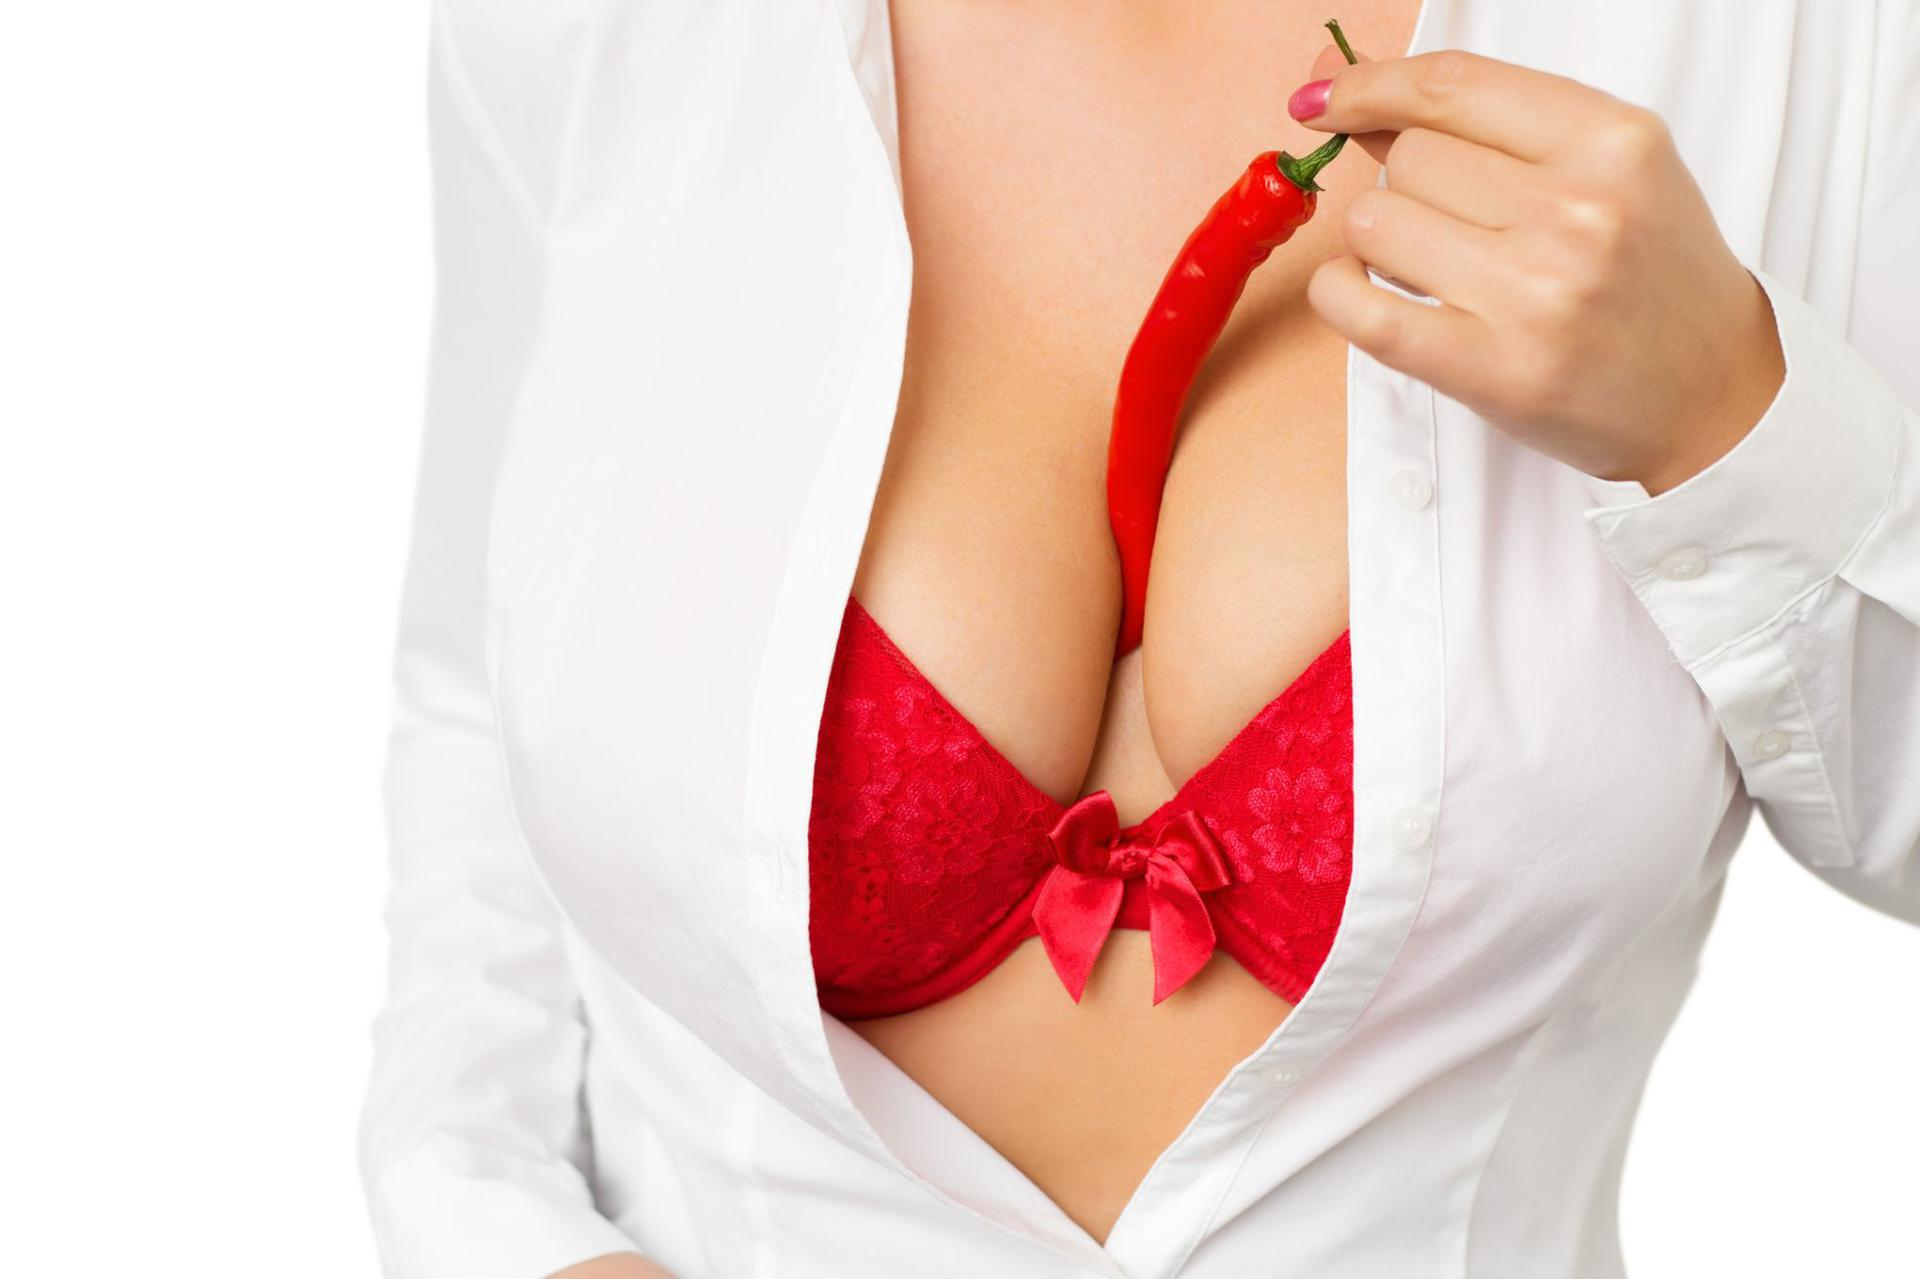 jak seks analny może nie zaszkodzić